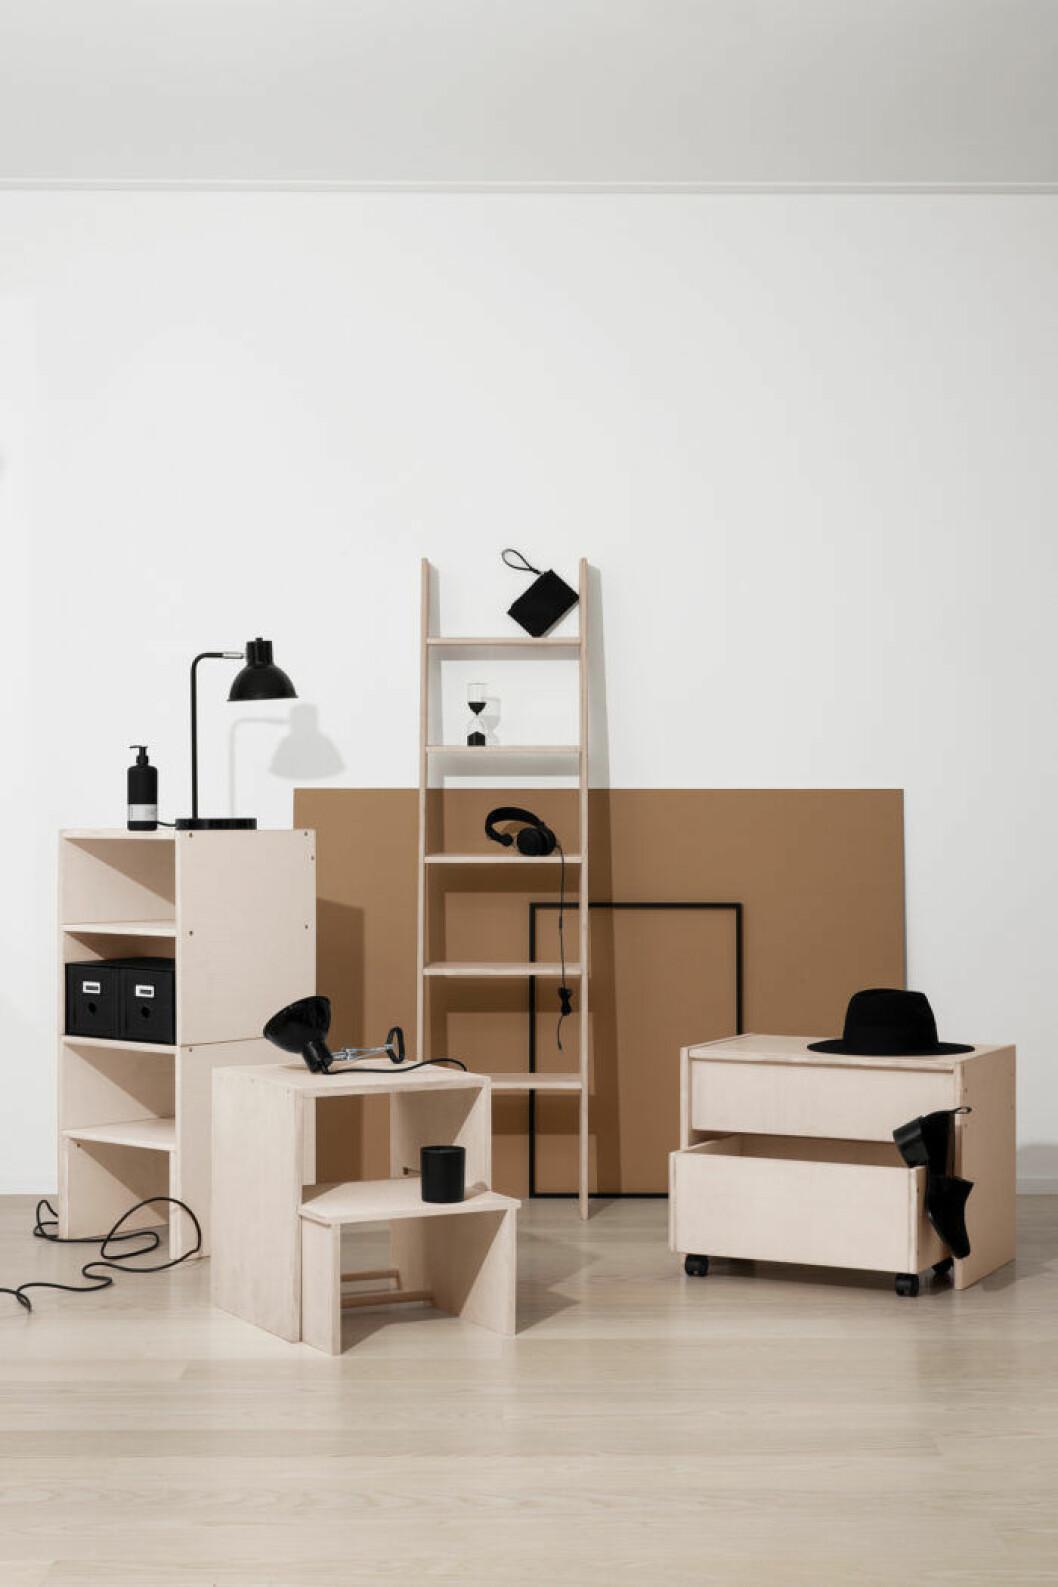 Nu lanserar Granit sin första egna möbelserie som består av flexibla moduler inspirerade av Bauhaus